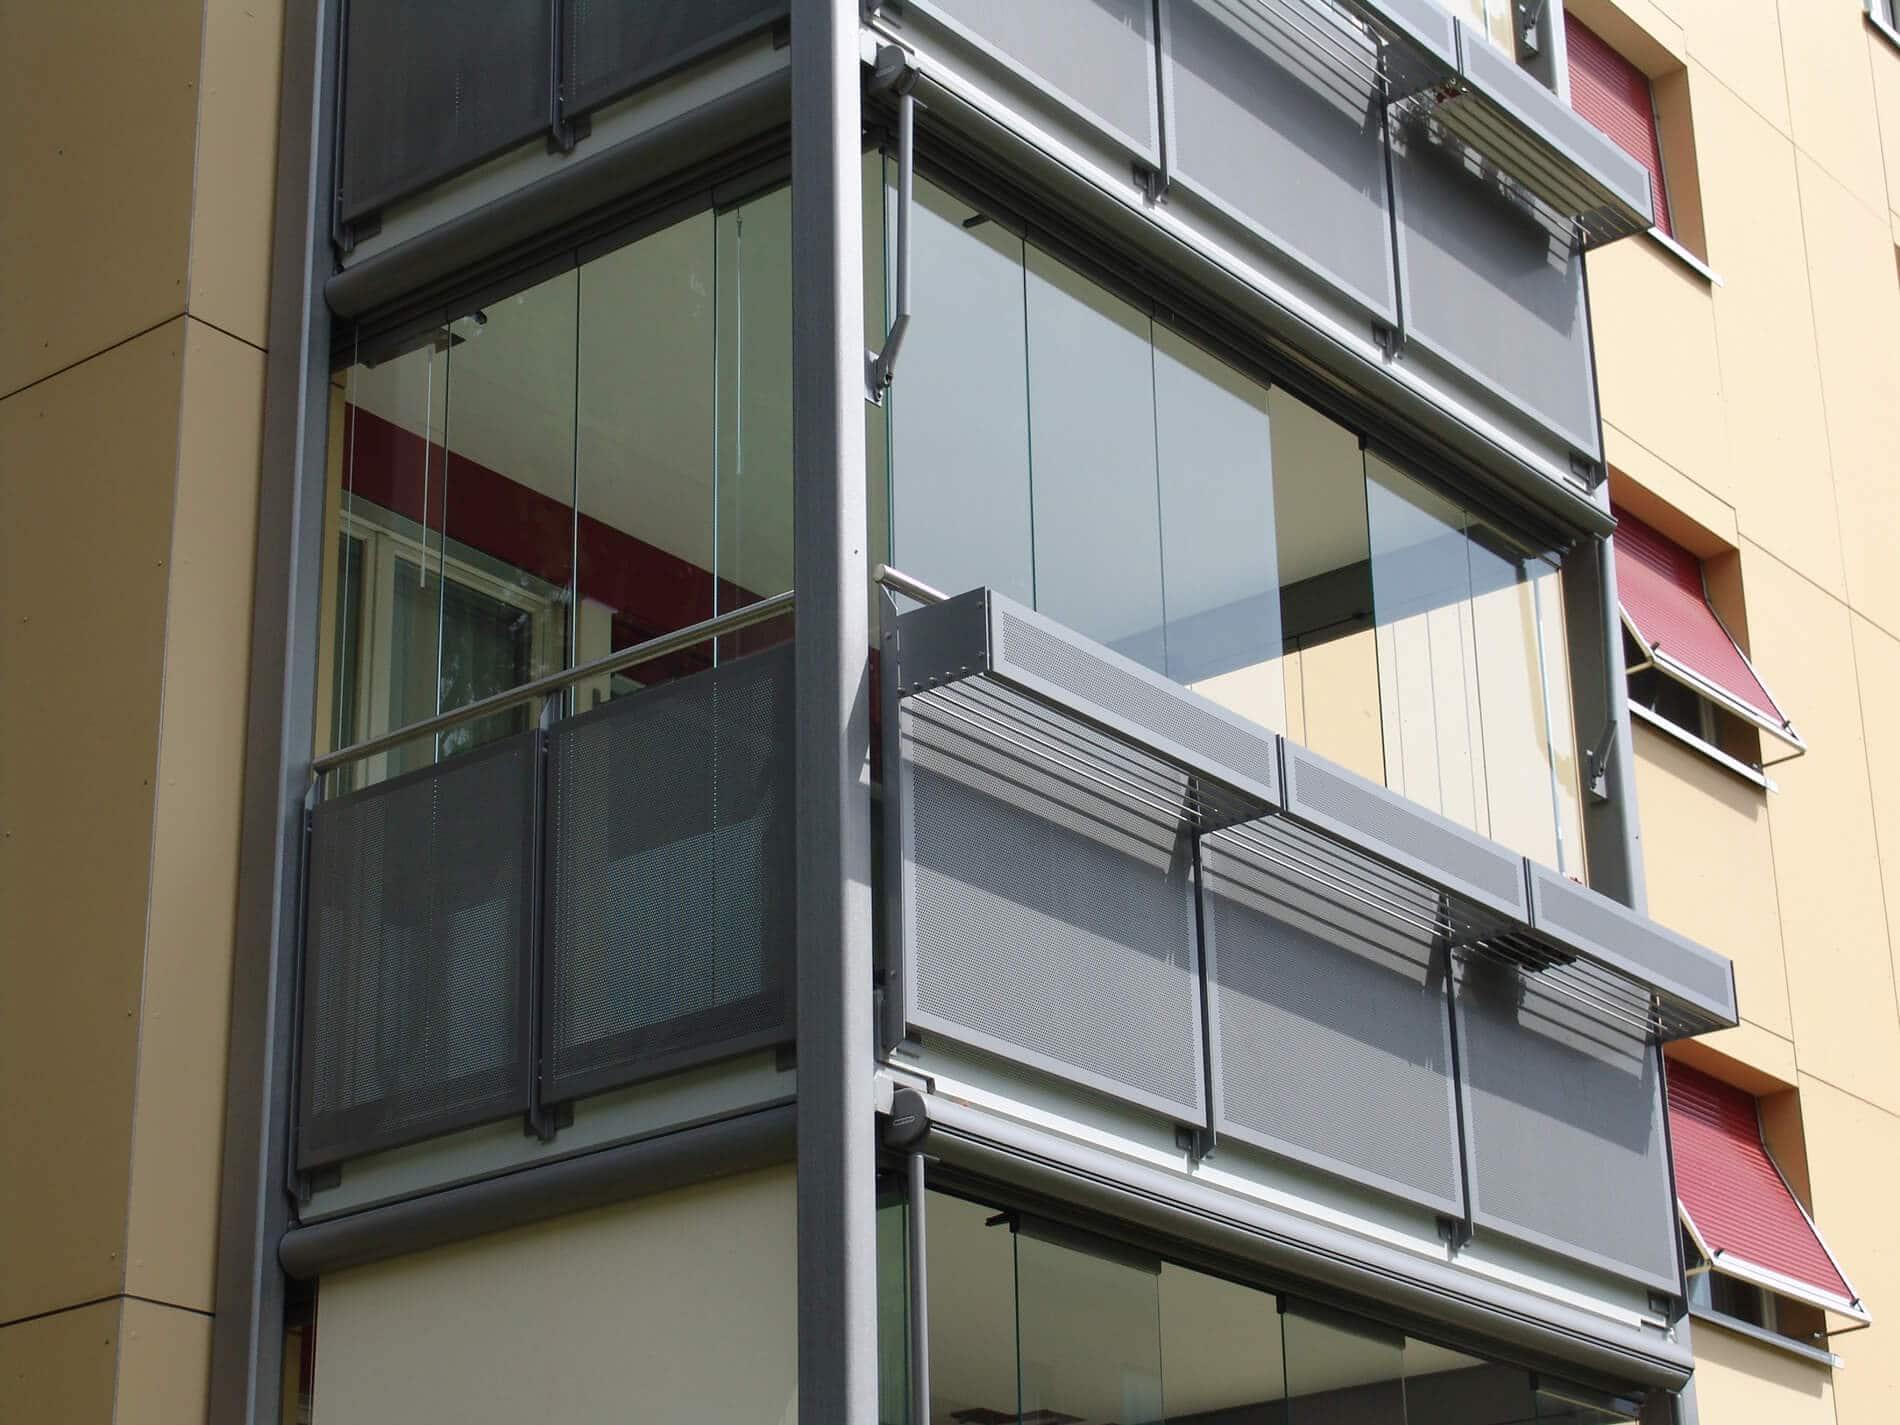 Balkonverkleidung Glas Oberösterreich